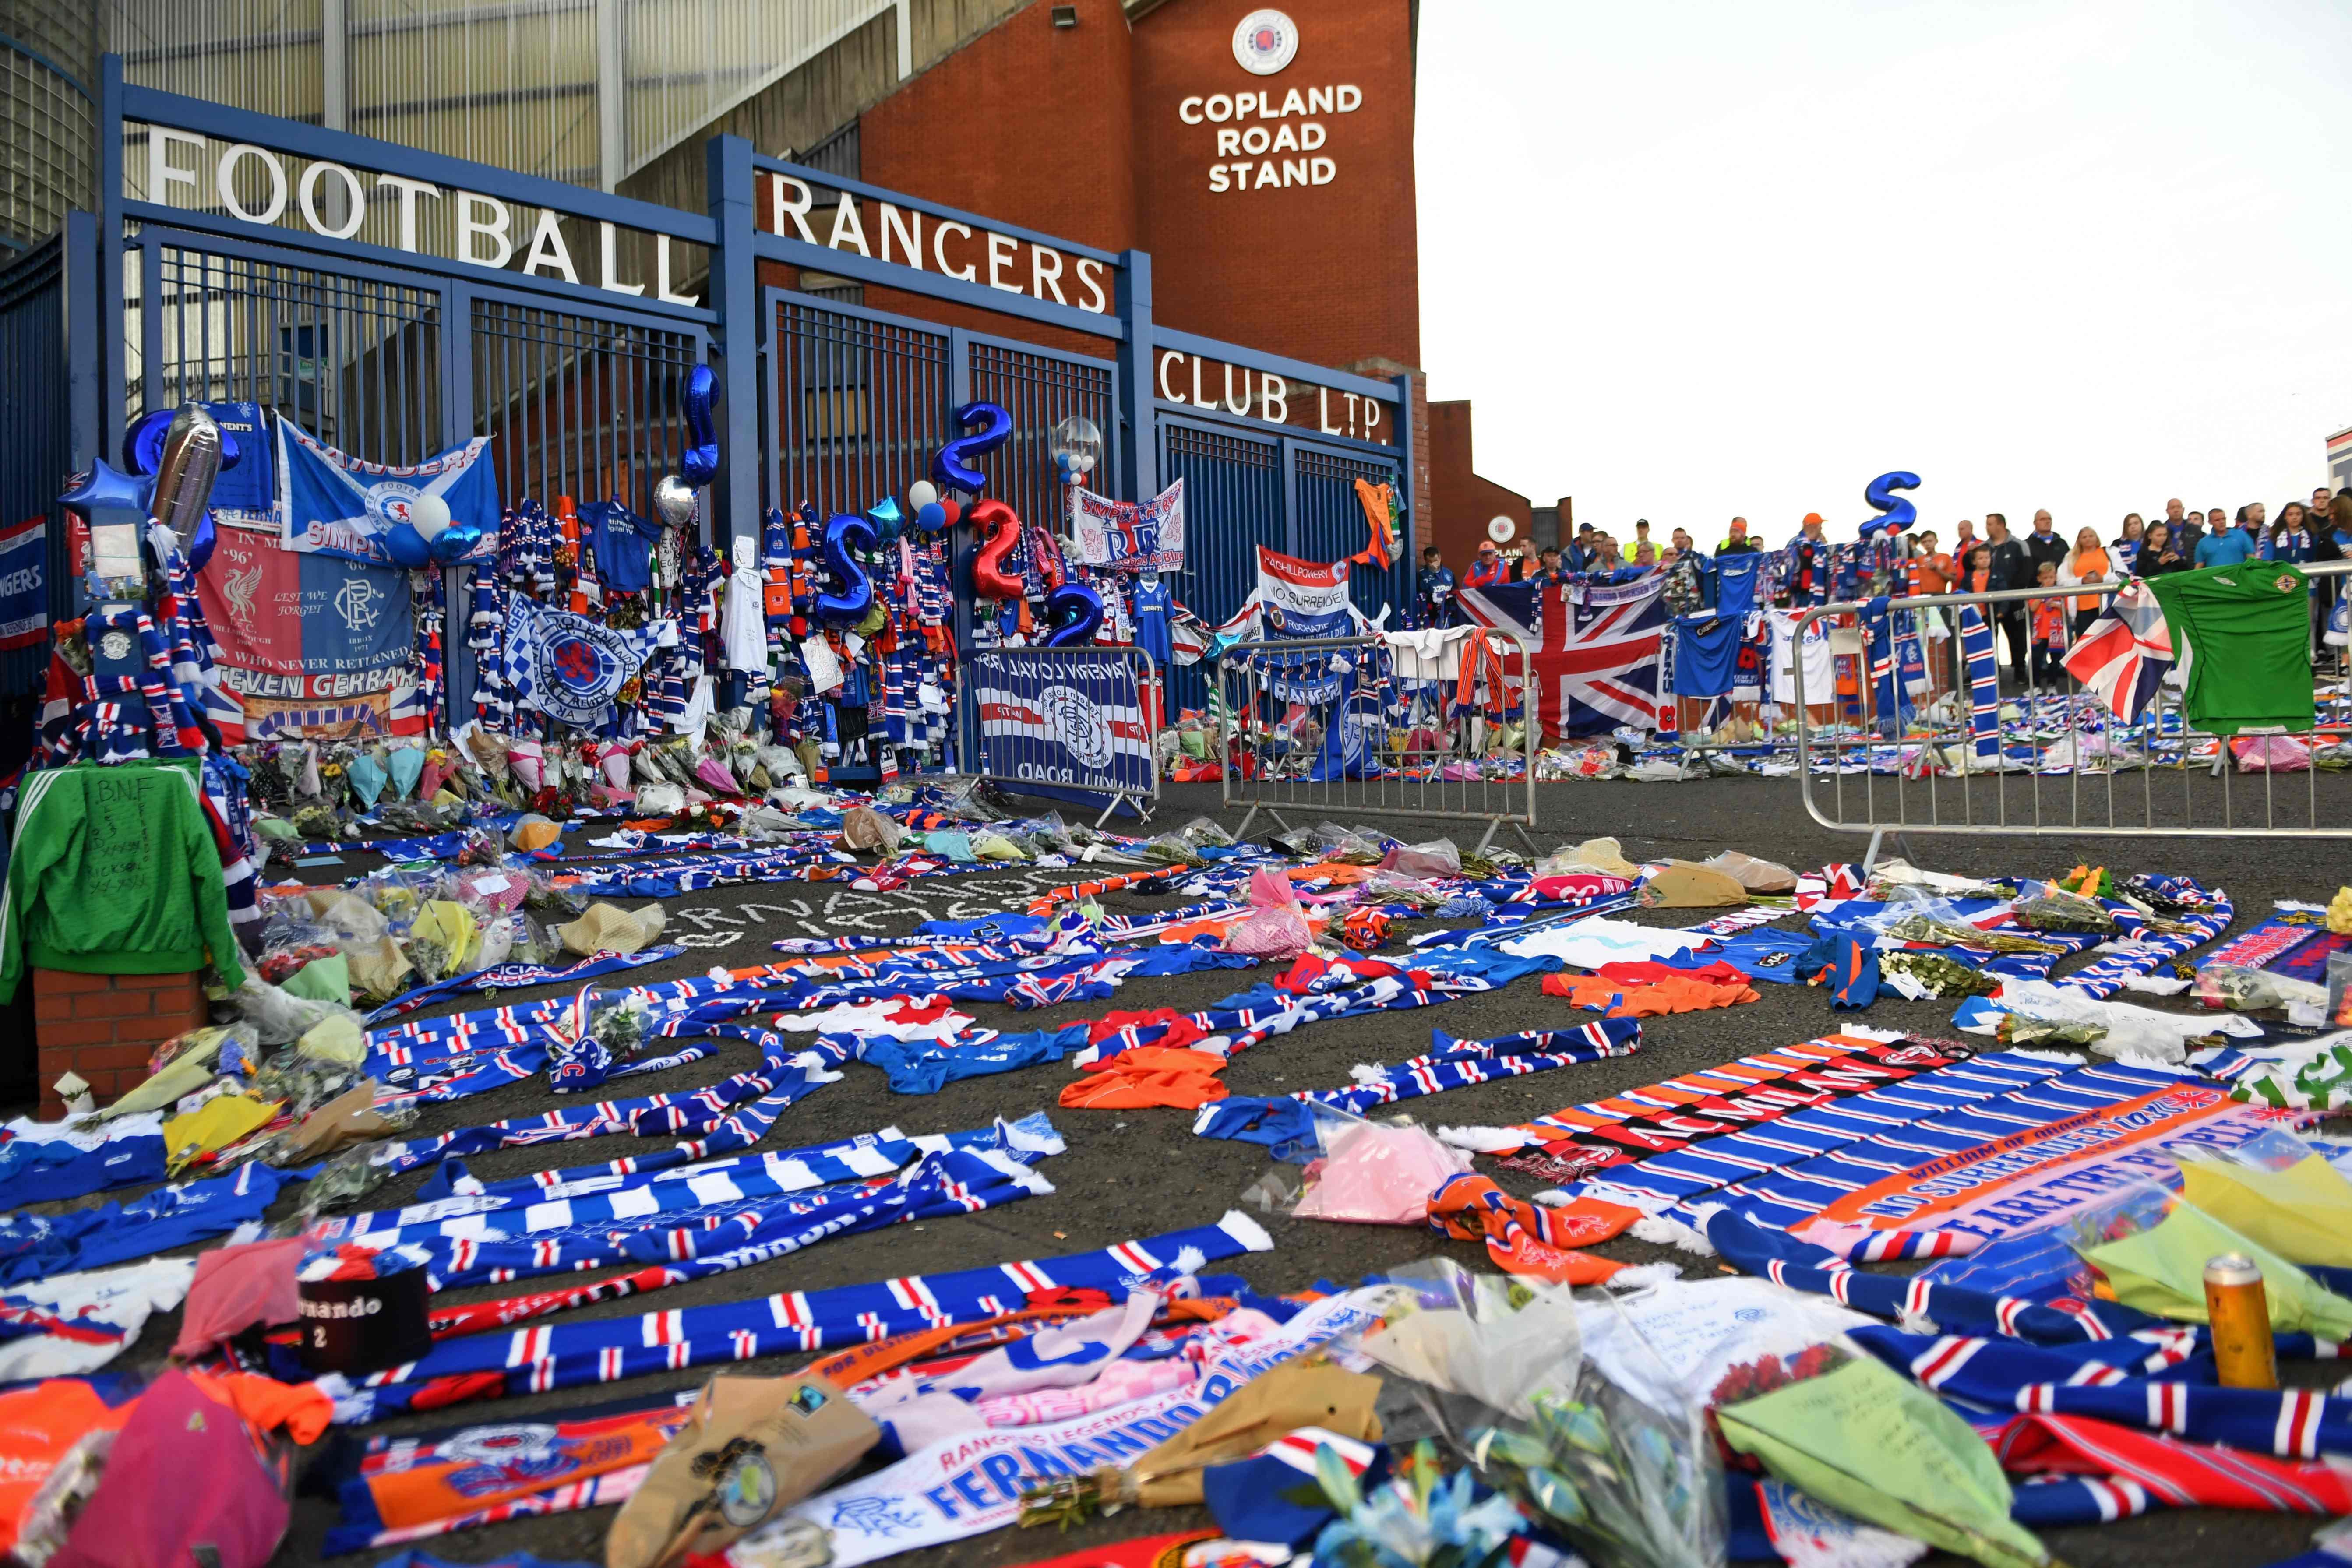 Hunderte Rangers-Fans und auch ehemalige Teamkameraden legten Schals, Trikots und Fahnen am Eingang des Stadions nieder.